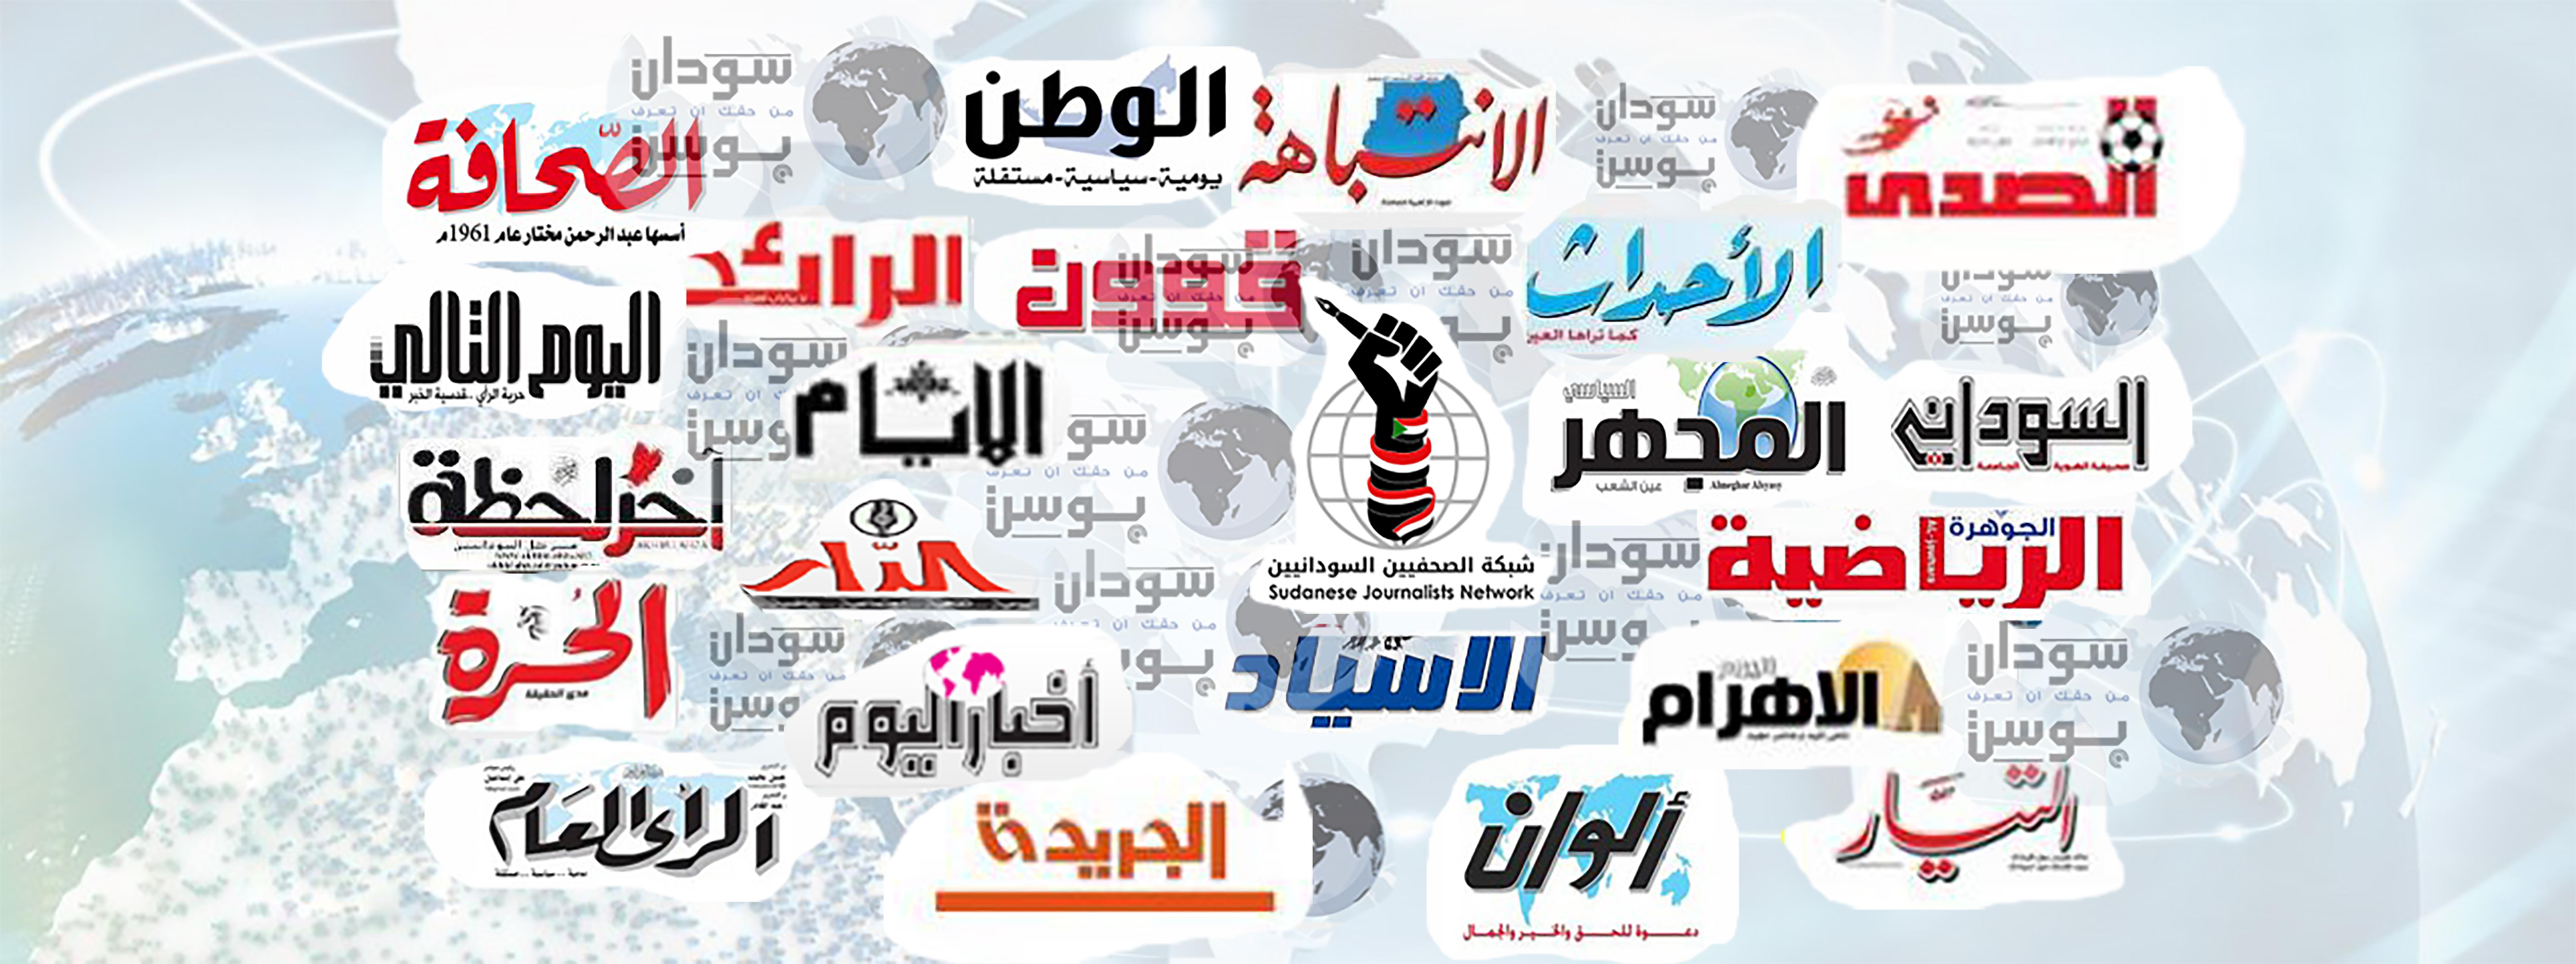 أبرز ما تناولته صحف الخرطوم الصادرة اليوم الثلاثاء